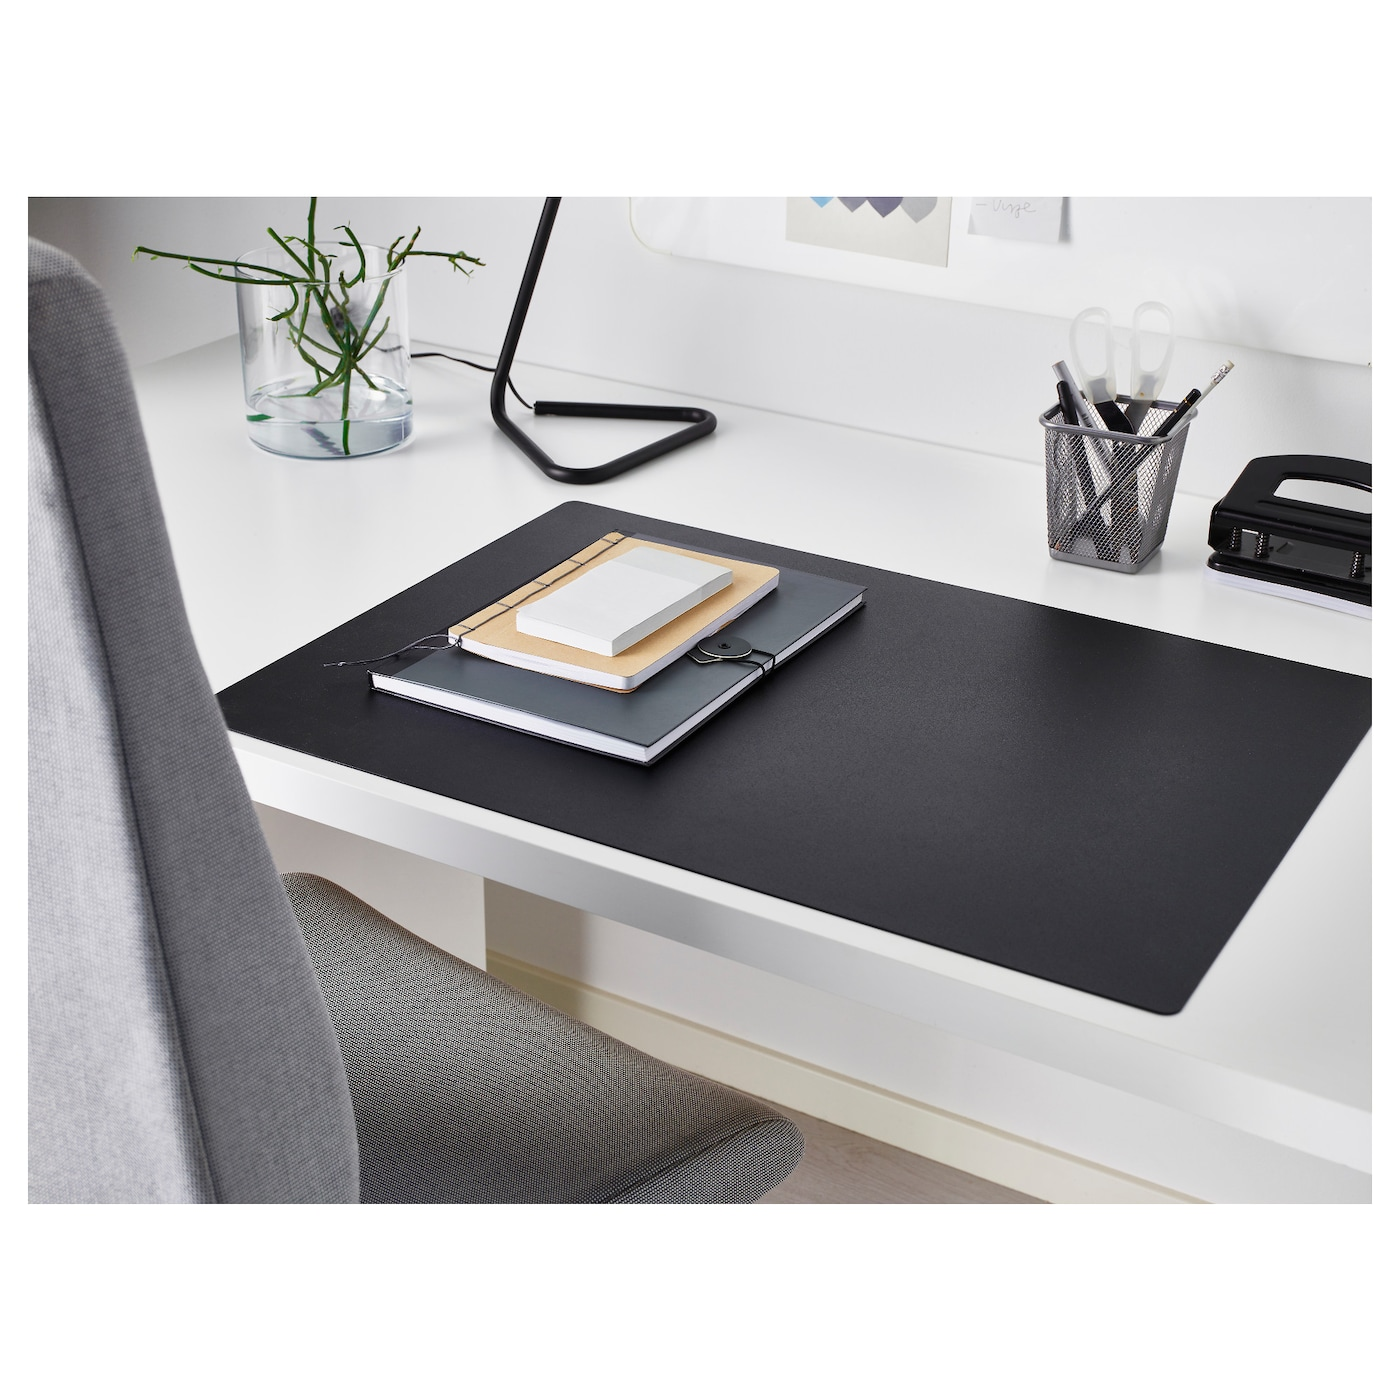 SKRUTT Skriveunderlag, svart, 65x45 cm